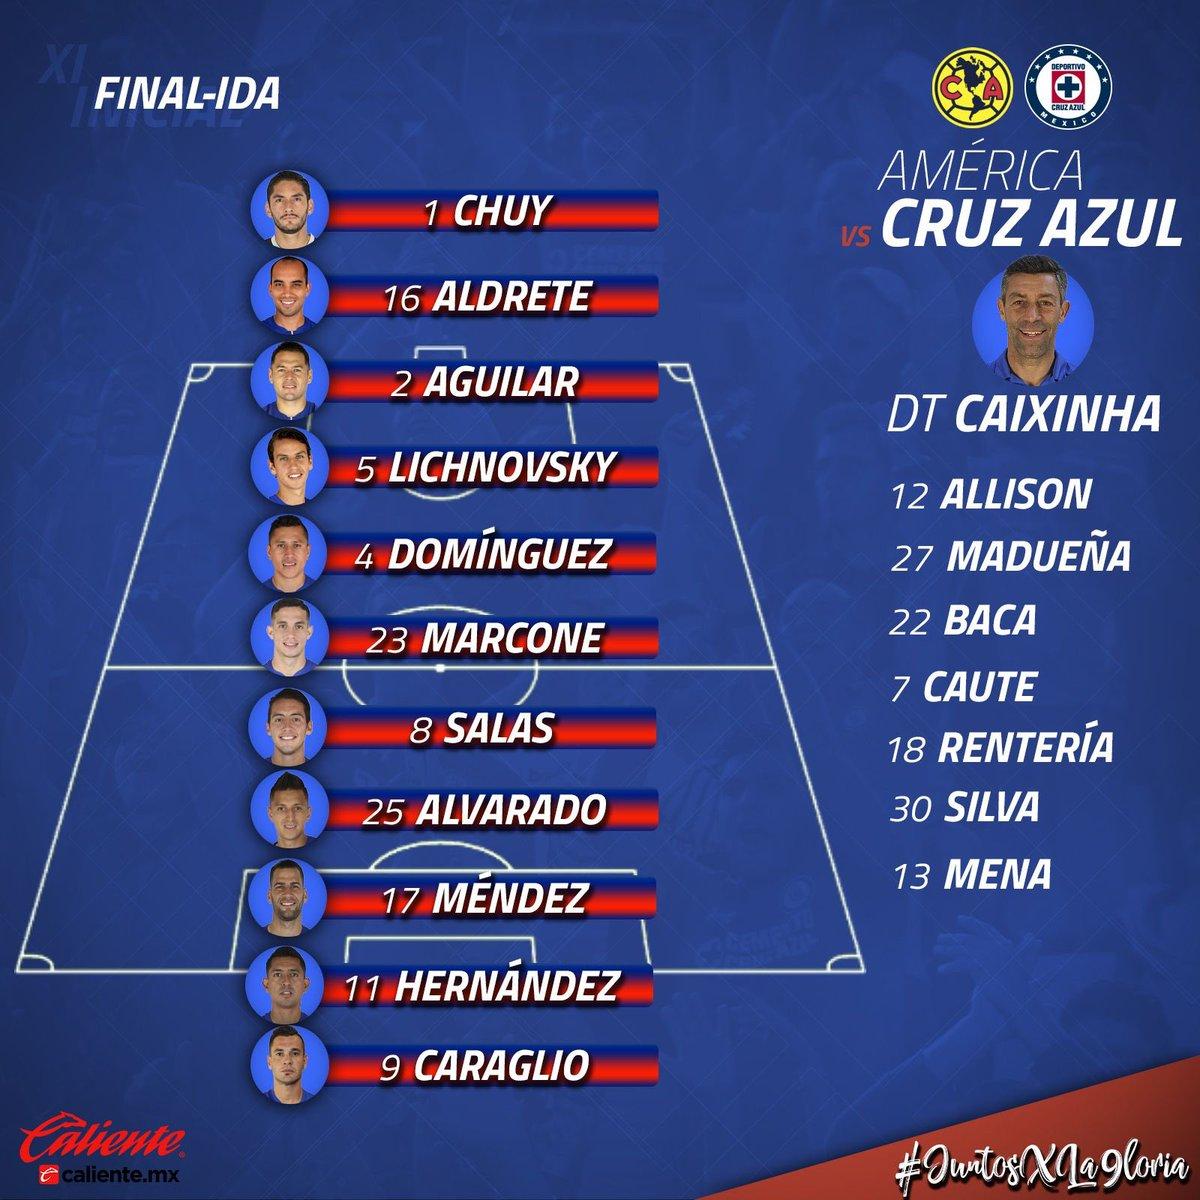 Y así van los 11 del @Cruz_Azul_FC q eligió #Caixinha para enfrentar al @ClubAmerica #Final #México qué tal ?